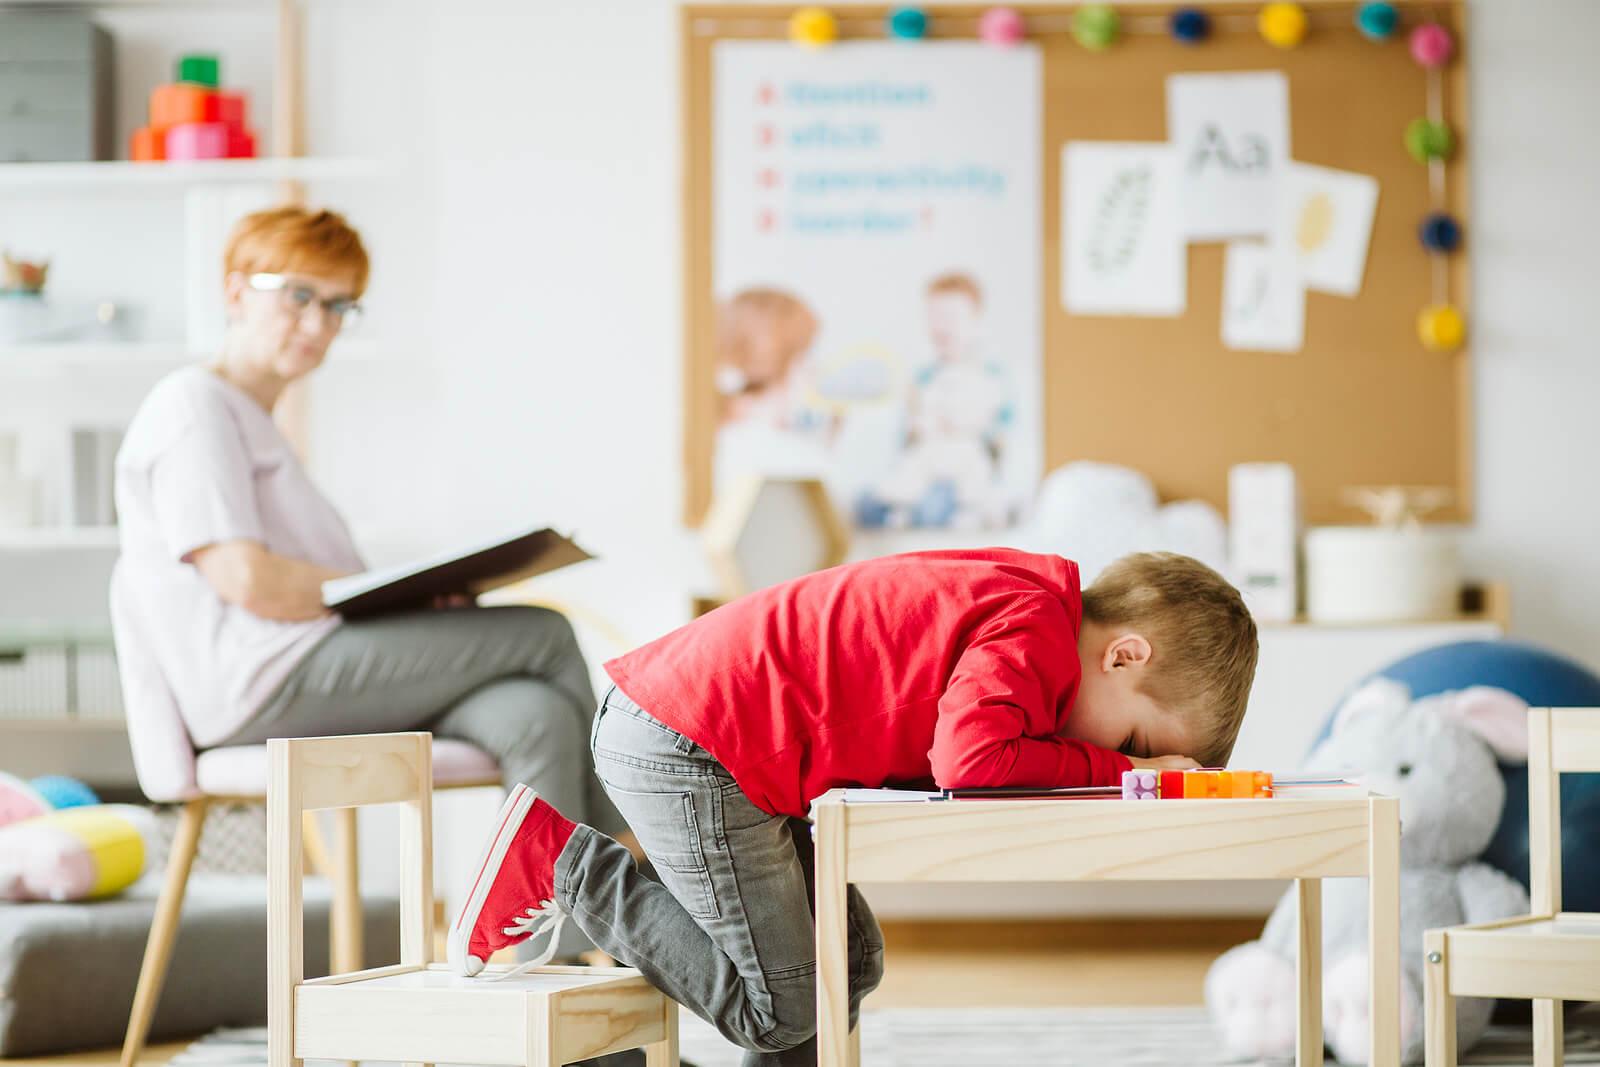 Niño en el psicólogo haciendo terapia emocional.